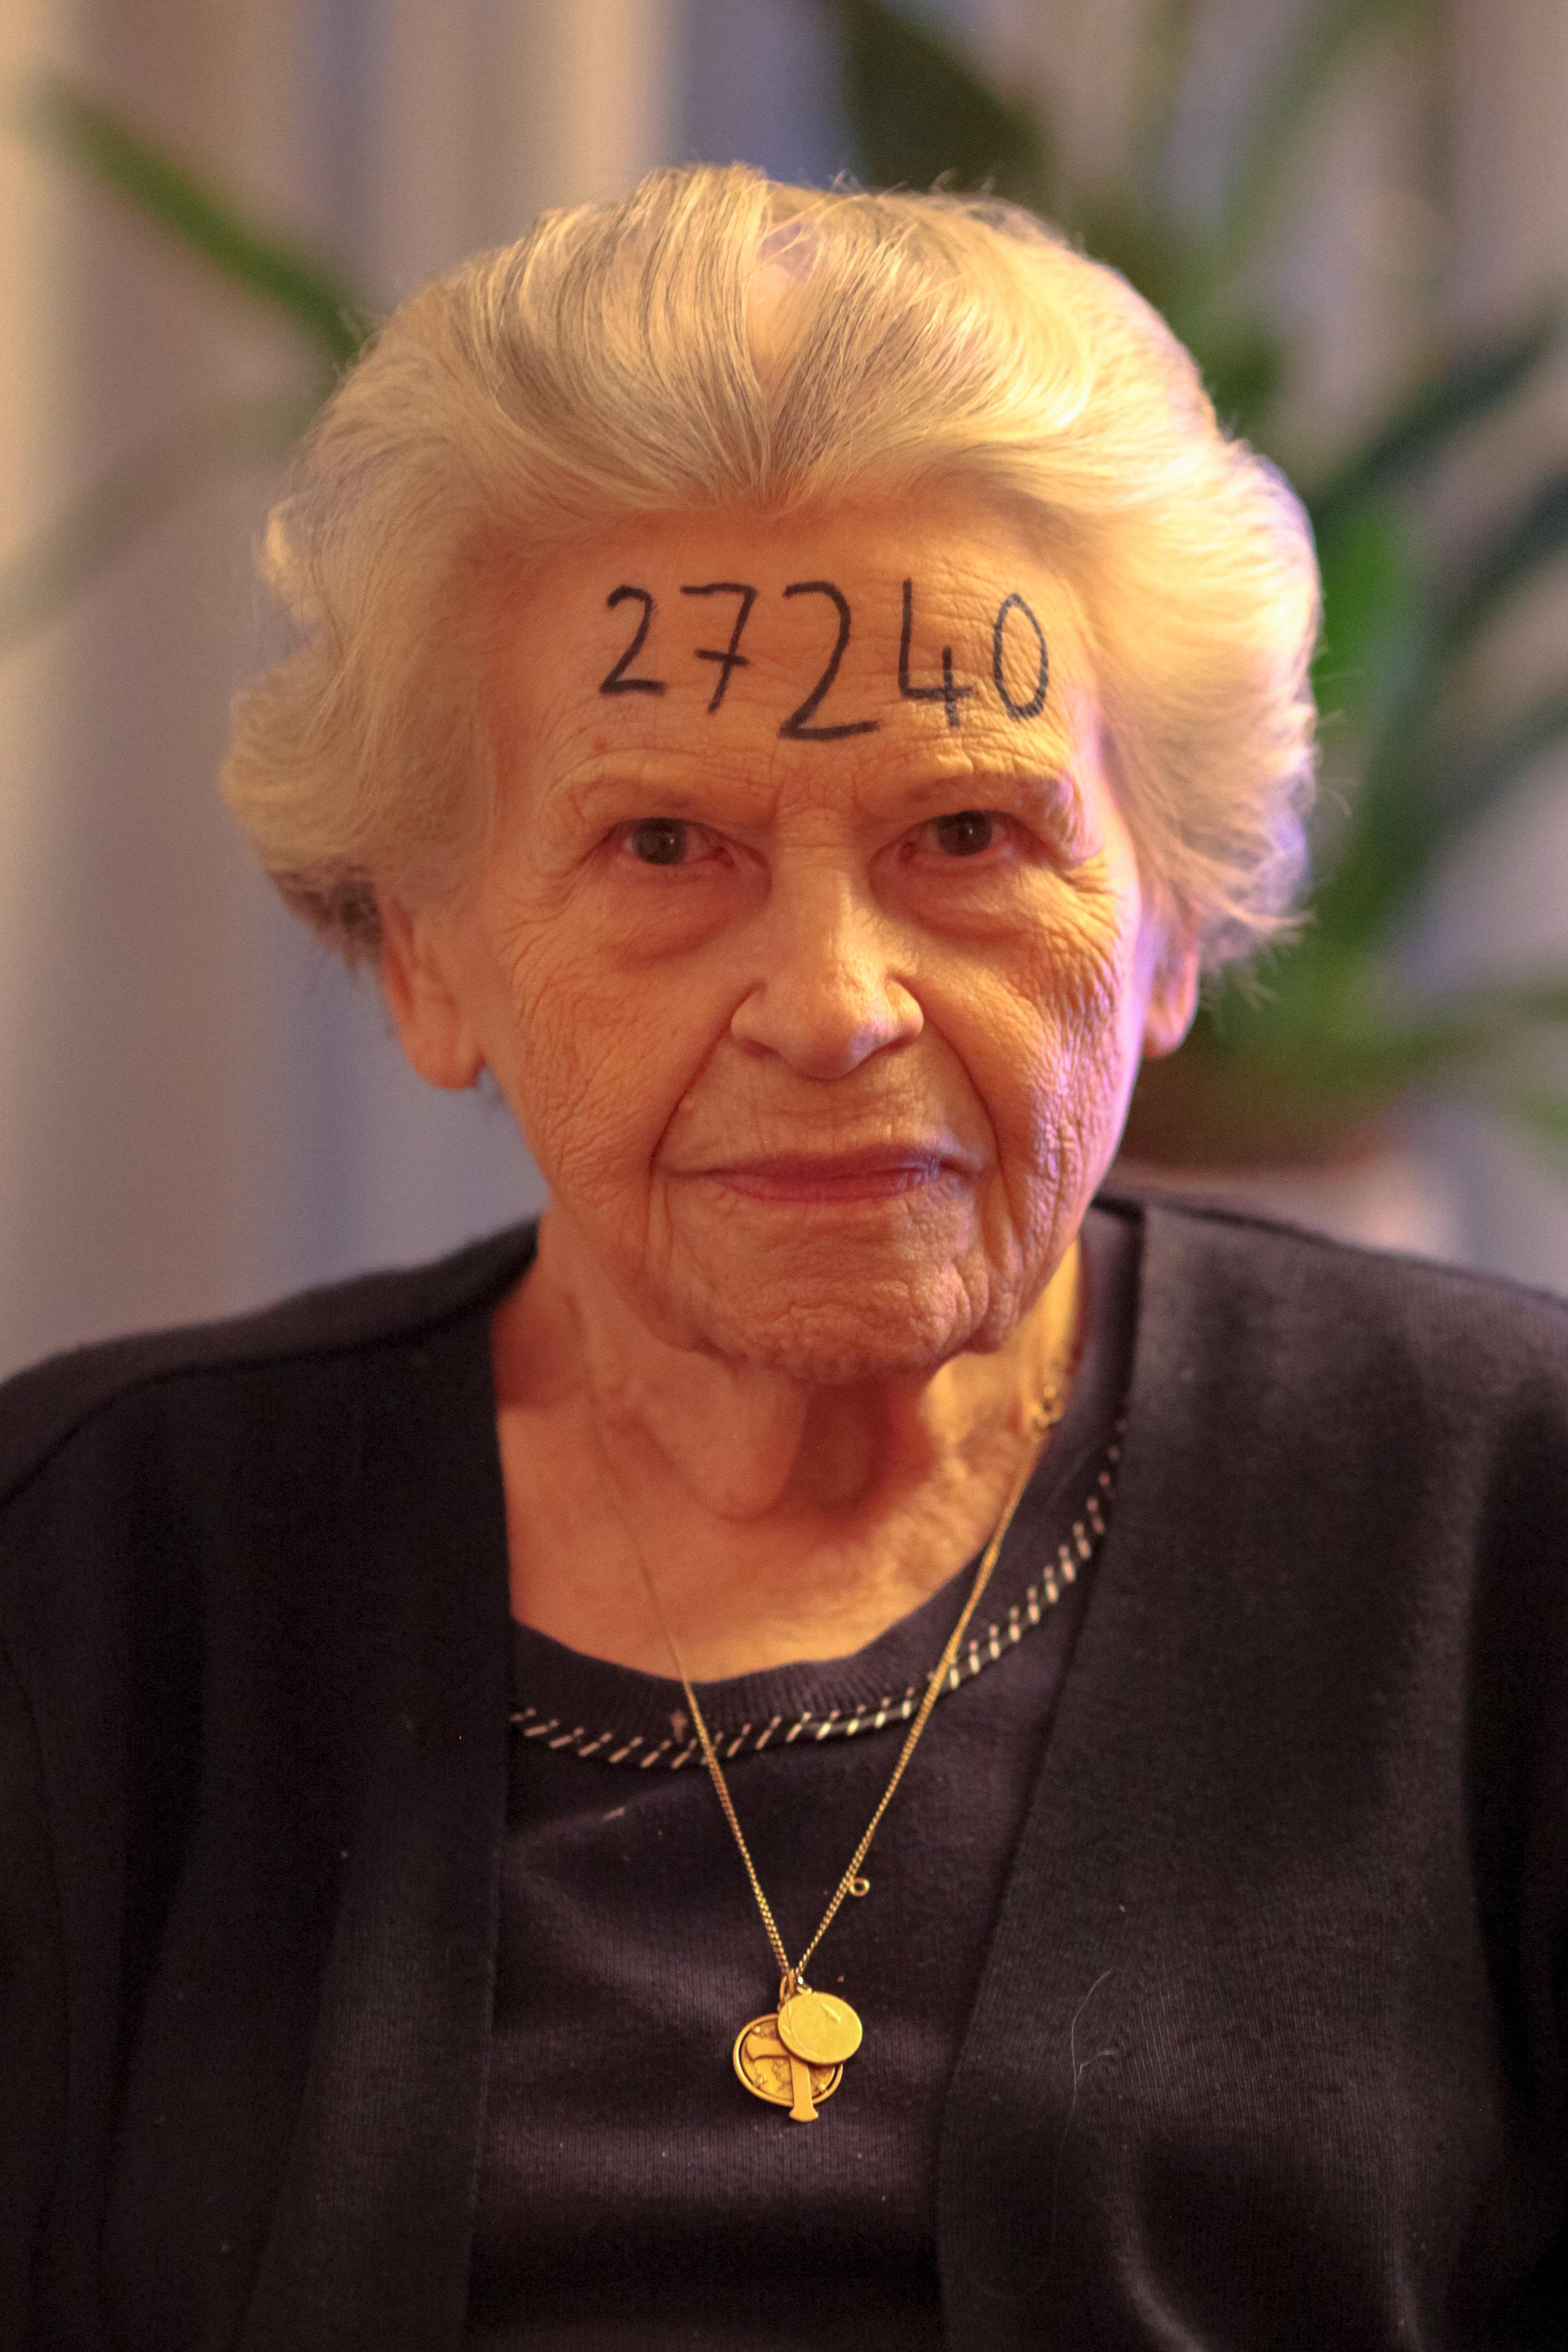 Noella Rouget - Résistante Française et rescapée du camp de concentration de travaux forcés pour femme à Ravenbsbrück